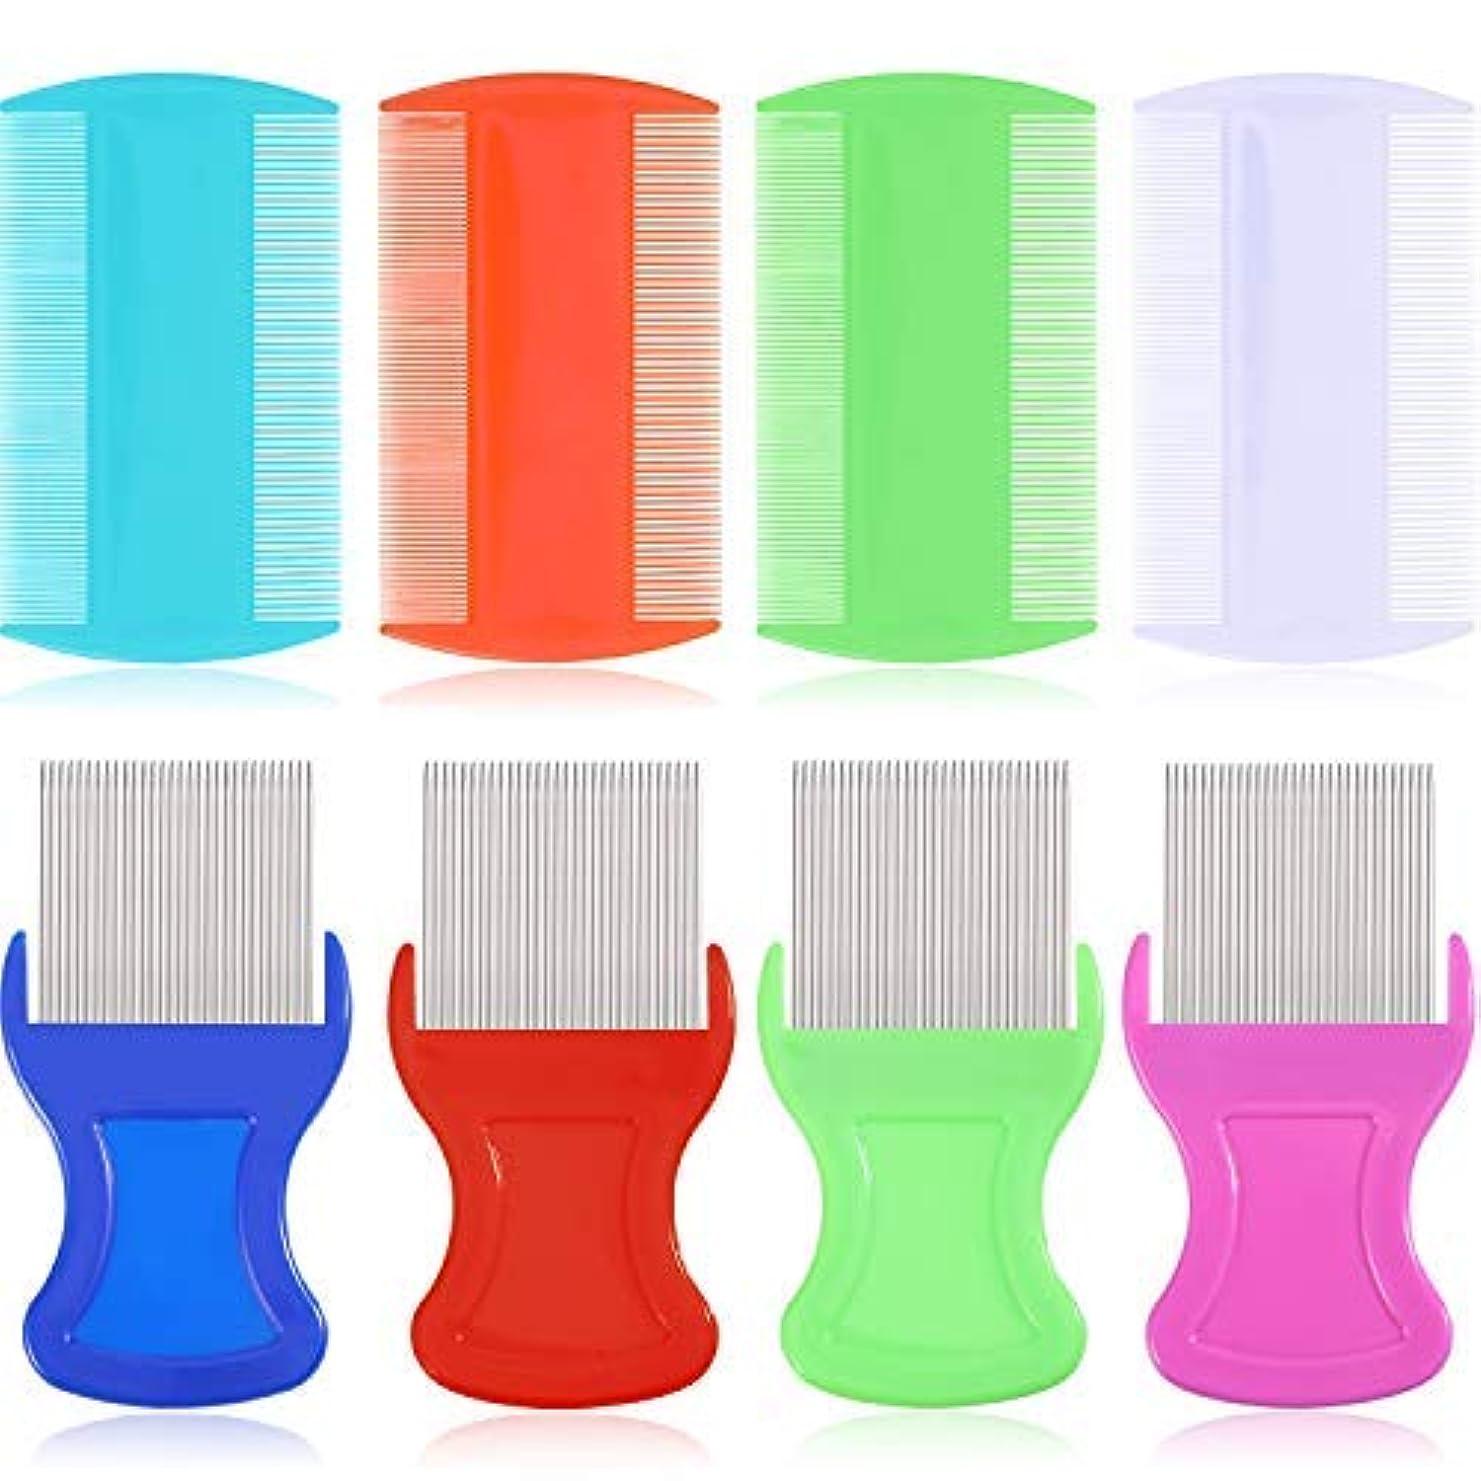 散歩に行くのホスト動詞8 Pieces Flea Lice Comb Lice Removal Combs Include 4 Pieces Nit Remover with Metal Teeth and 4 Pieces Double Sided...